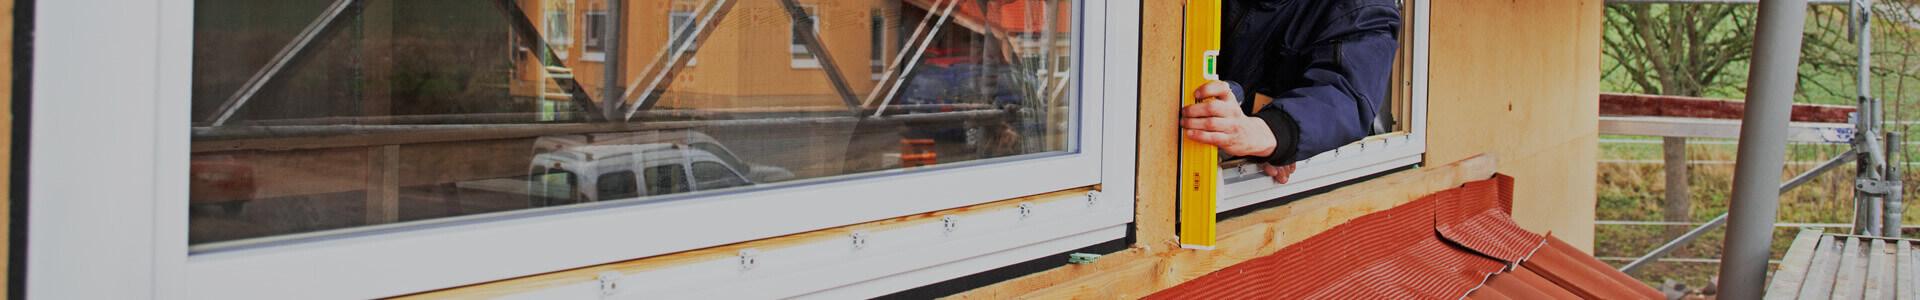 Berühmt Kunststofffenster folieren in 7 Schritten | anleitungen.com AC26